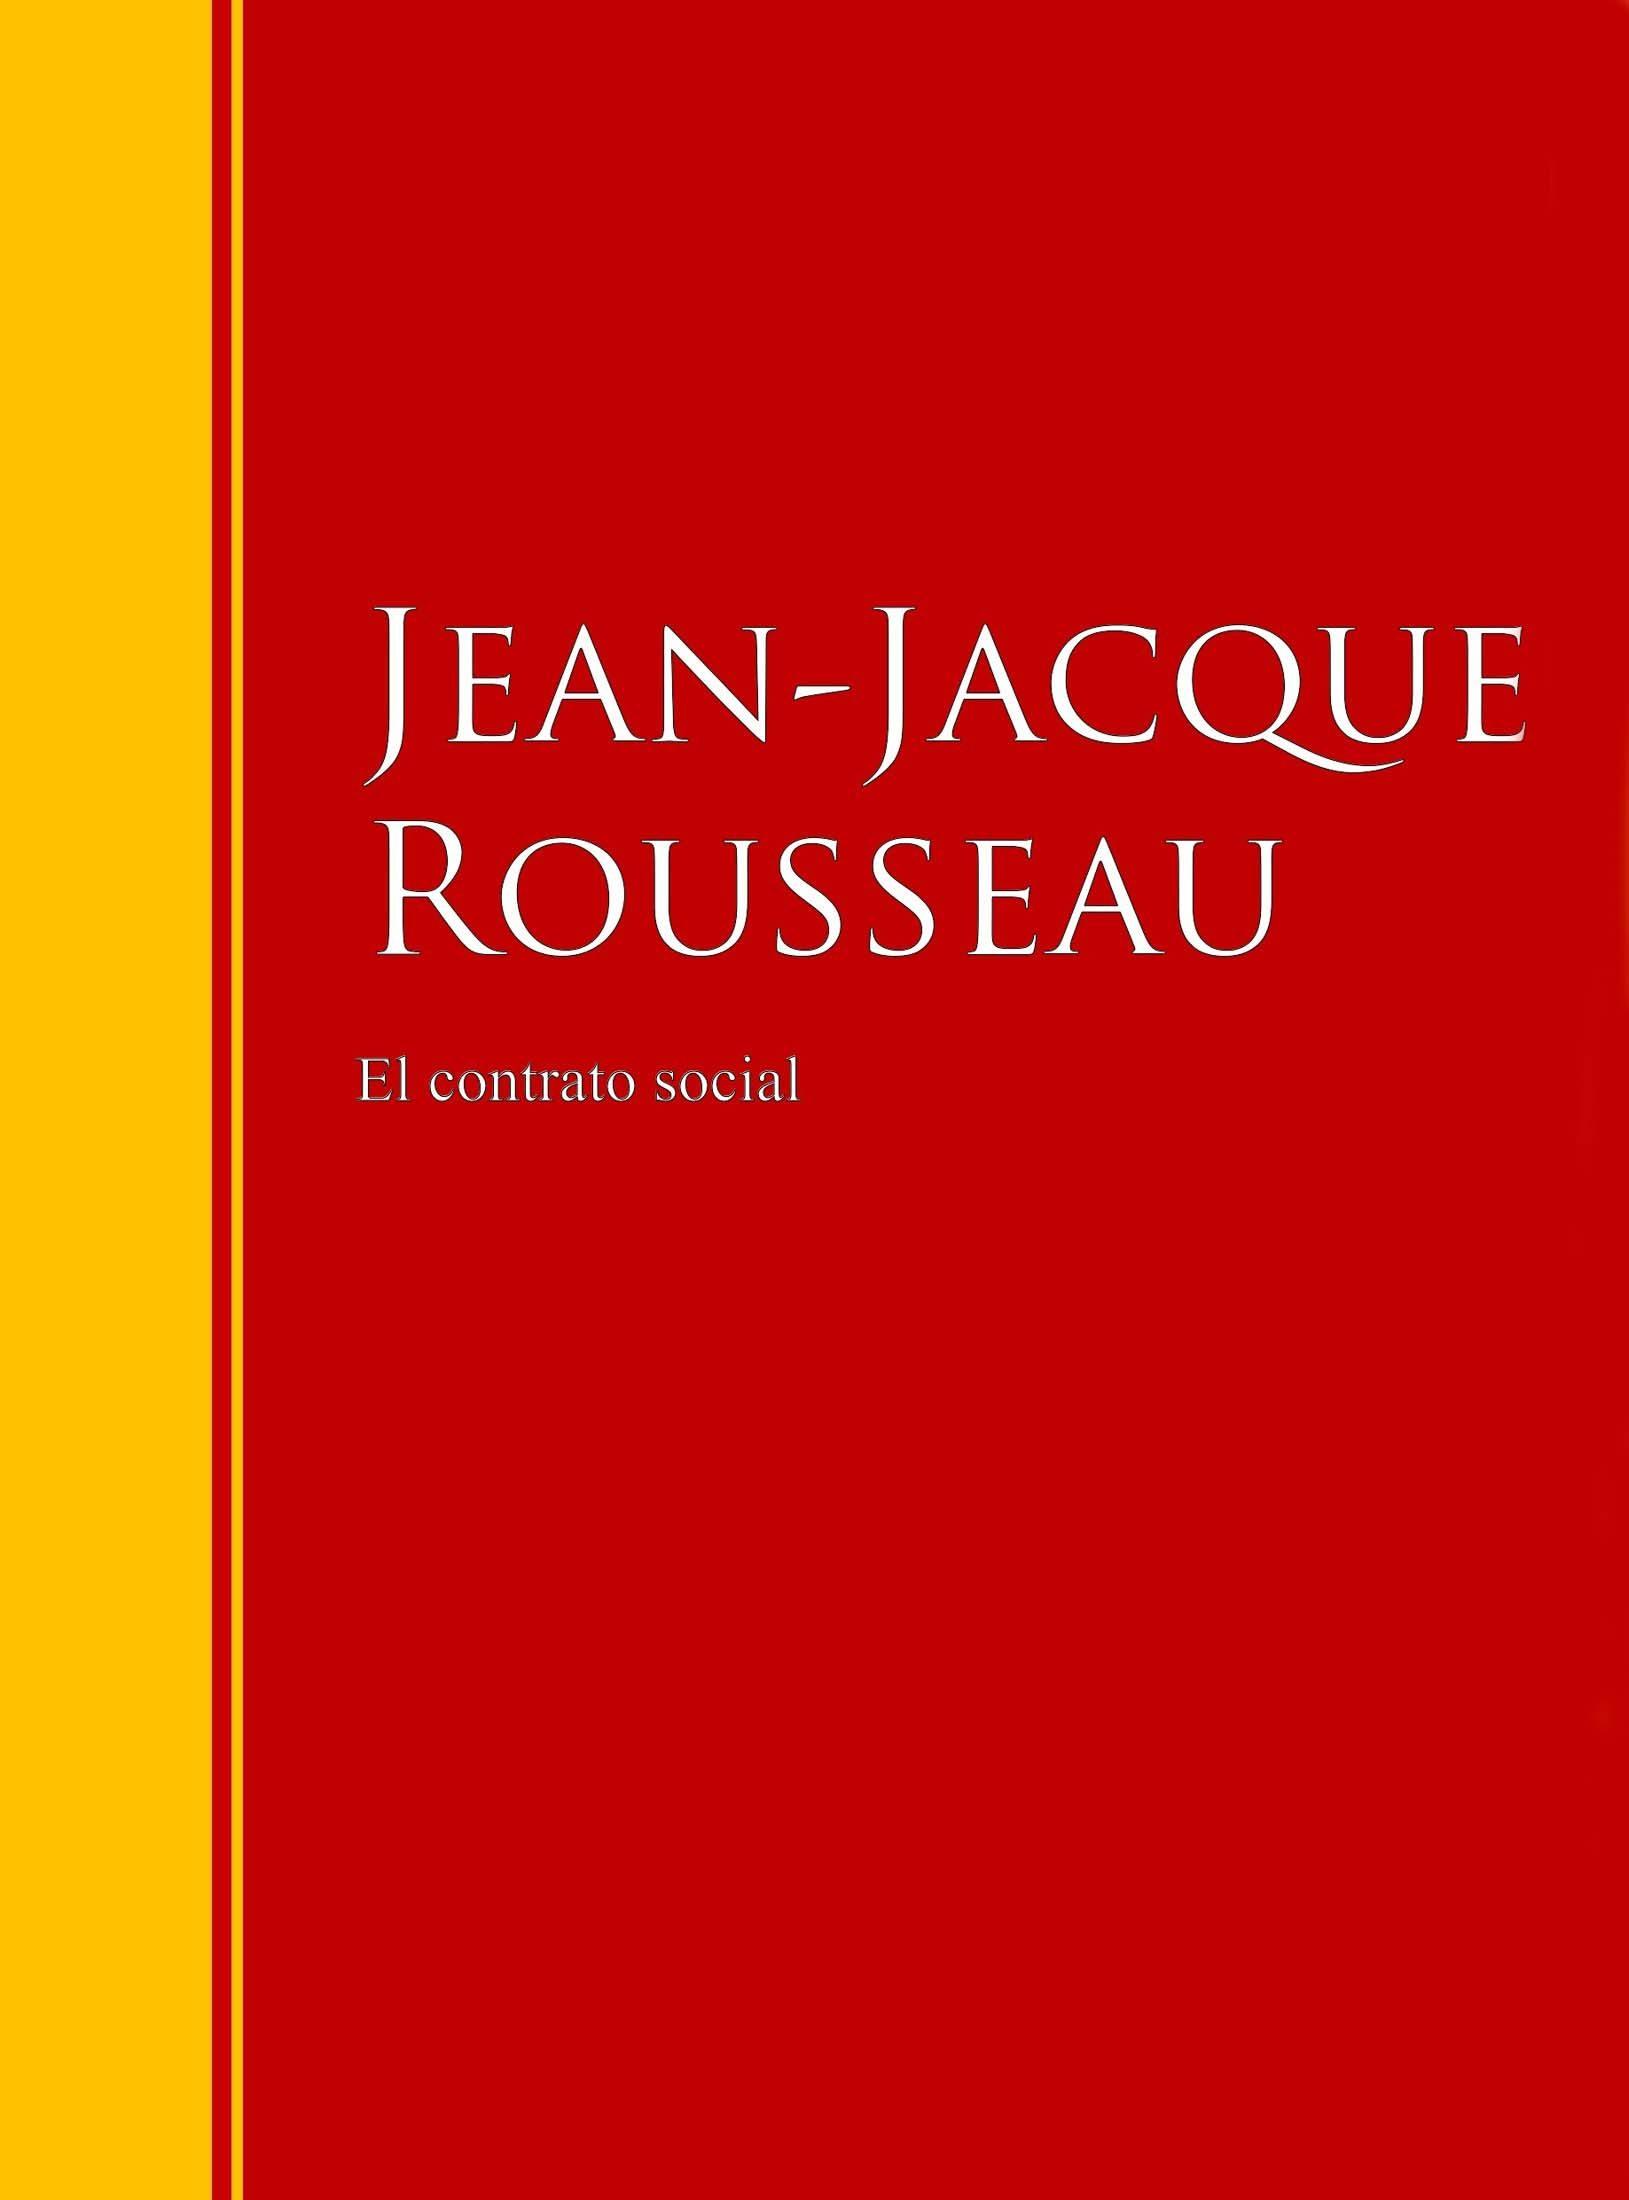 El contrato social ebook jean jacque rousseau jean jacque rousseau